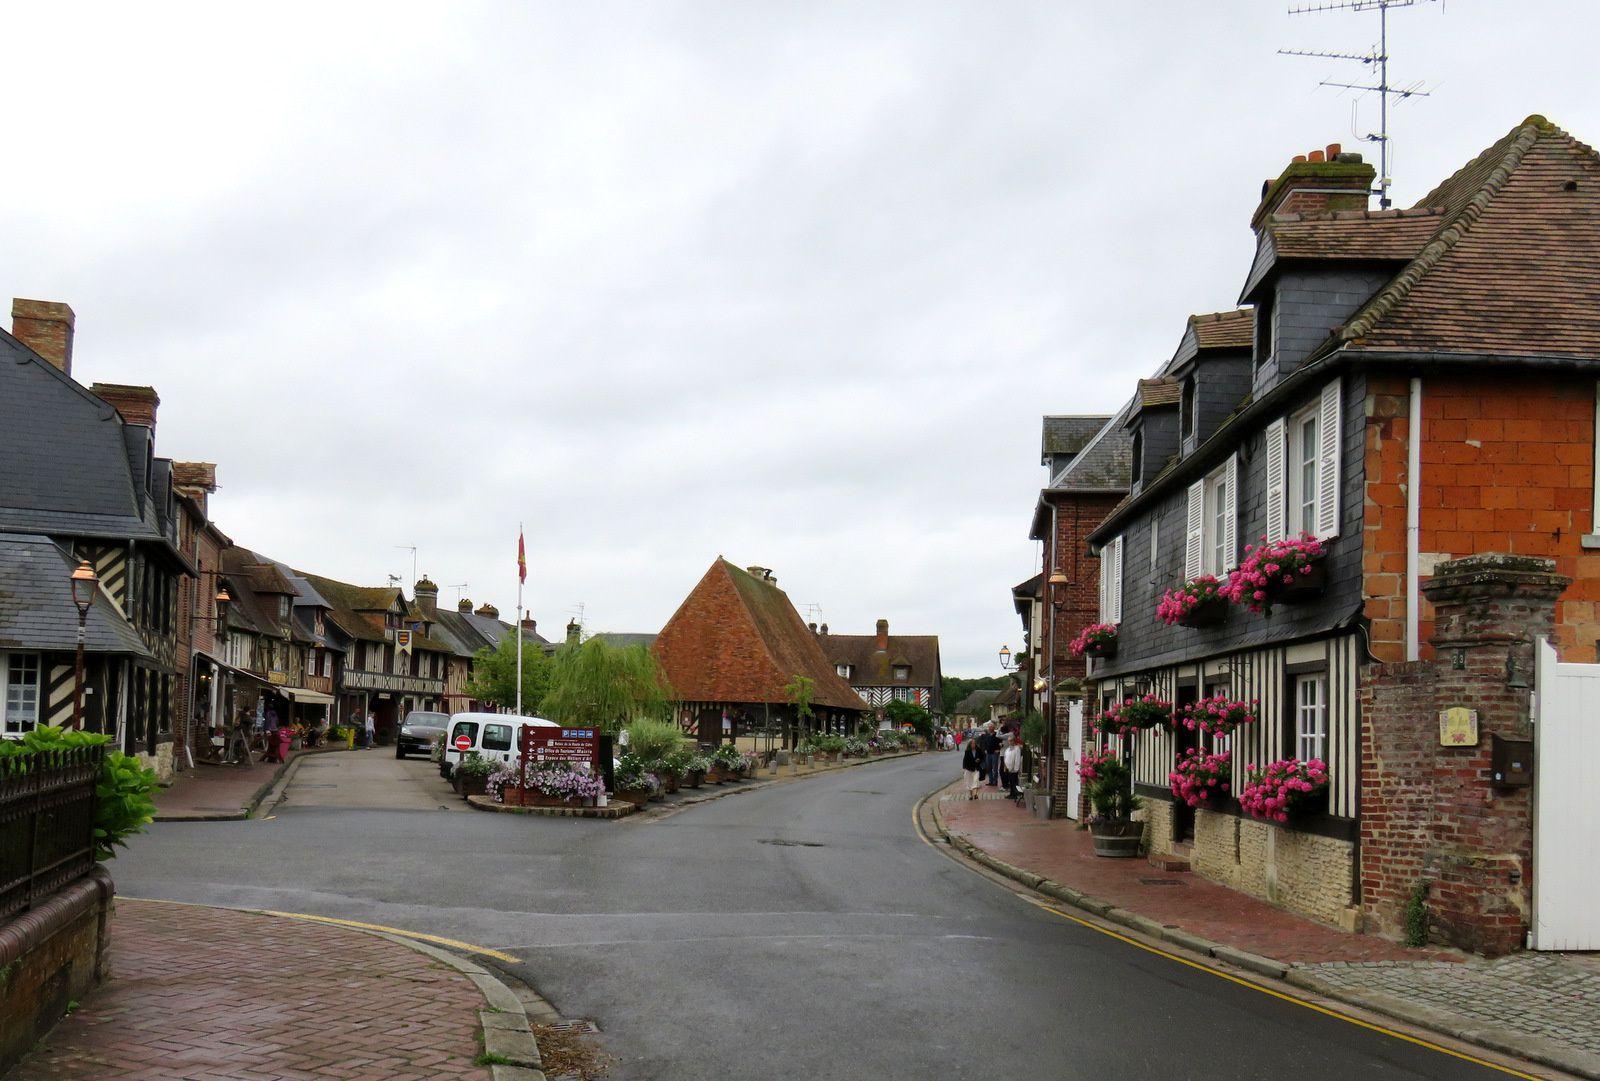 Beuvron-en-Auge, le centre du village